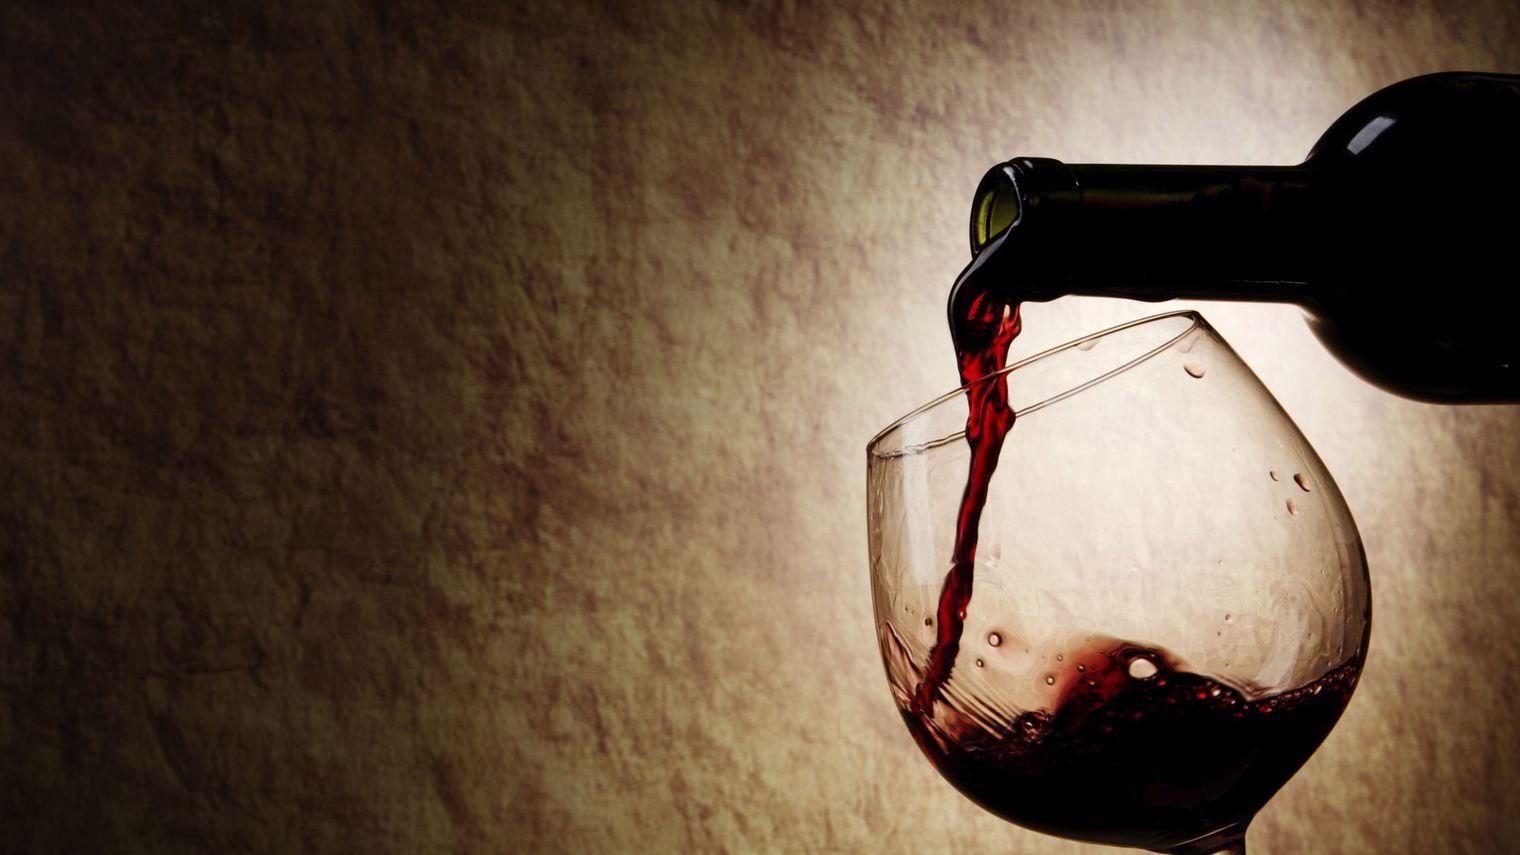 Saint Estephe vin, parmi les appellations que je préfère